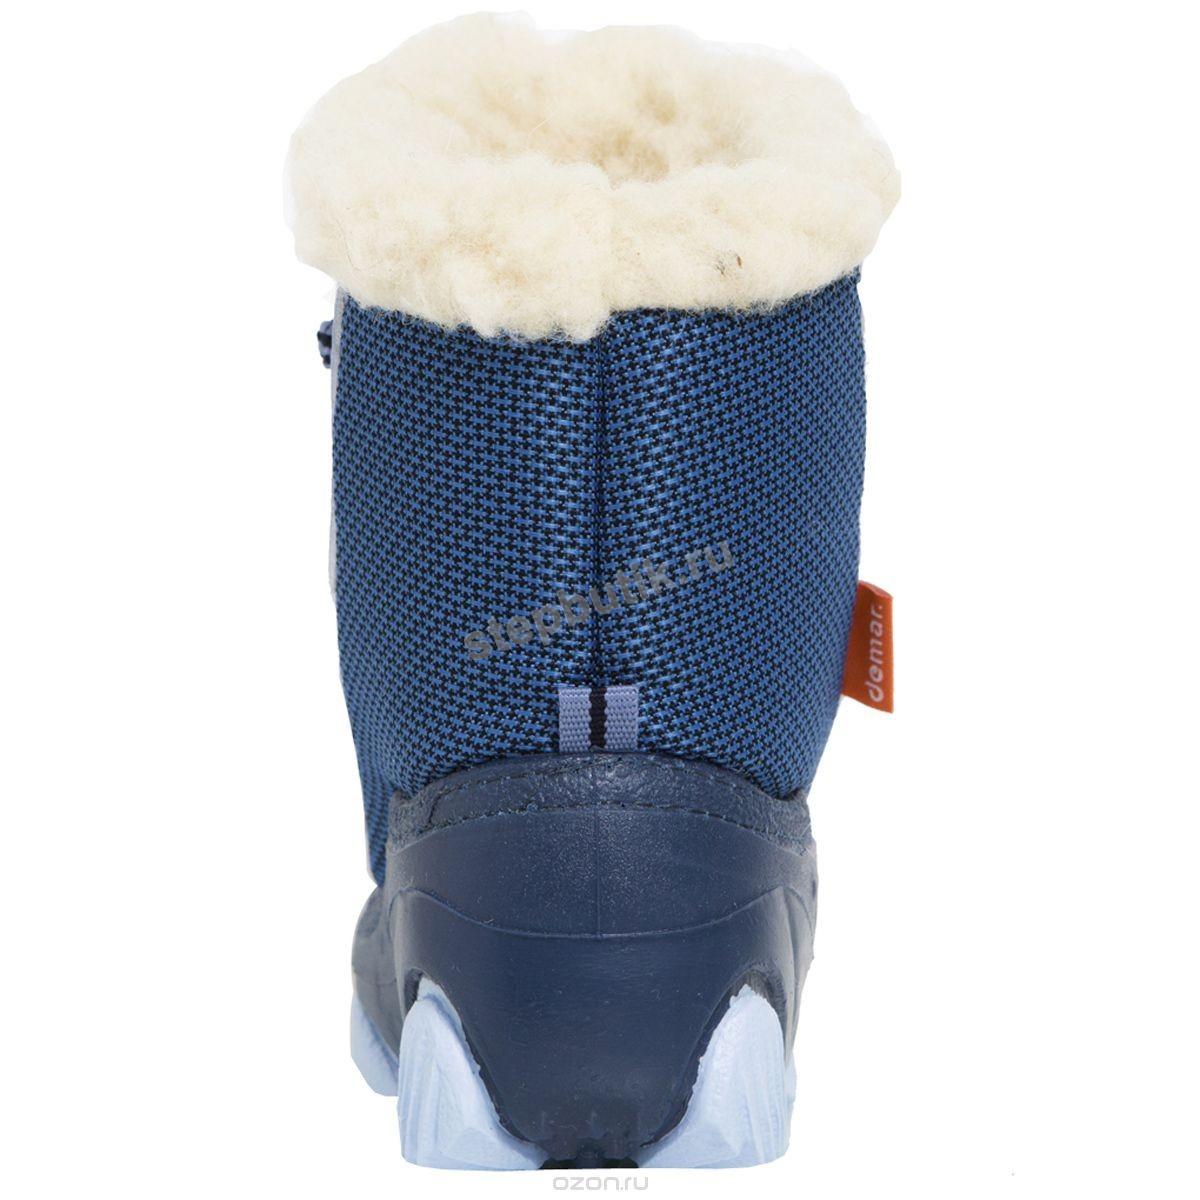 4017 SNOW MAR Сапожки (20-25) голубой